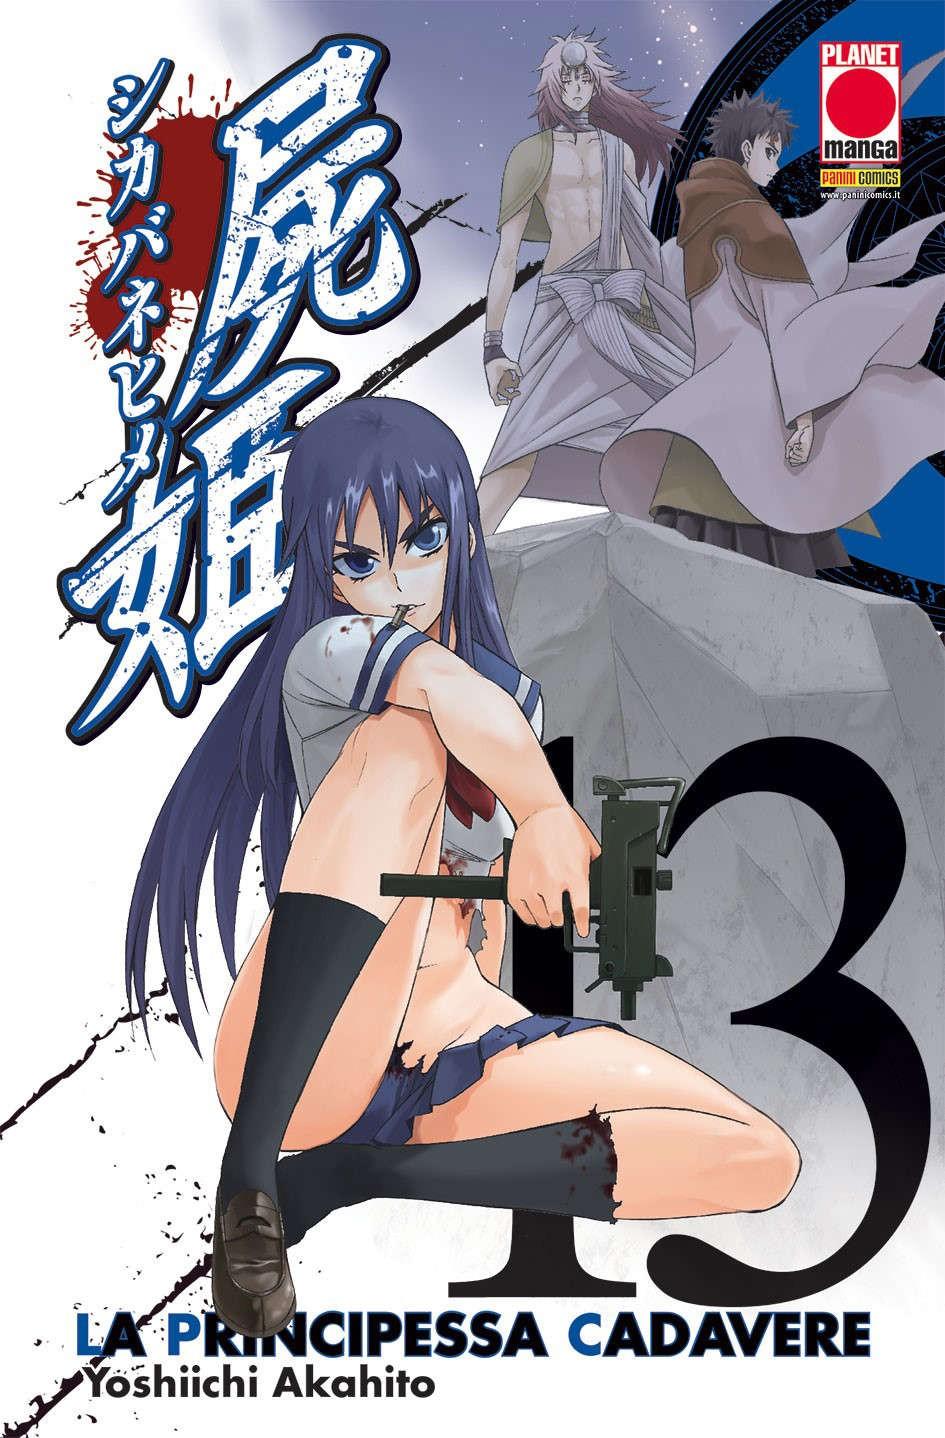 Principessa Cadavere - N° 13 - La Principessa Cadavere - Planet Manga